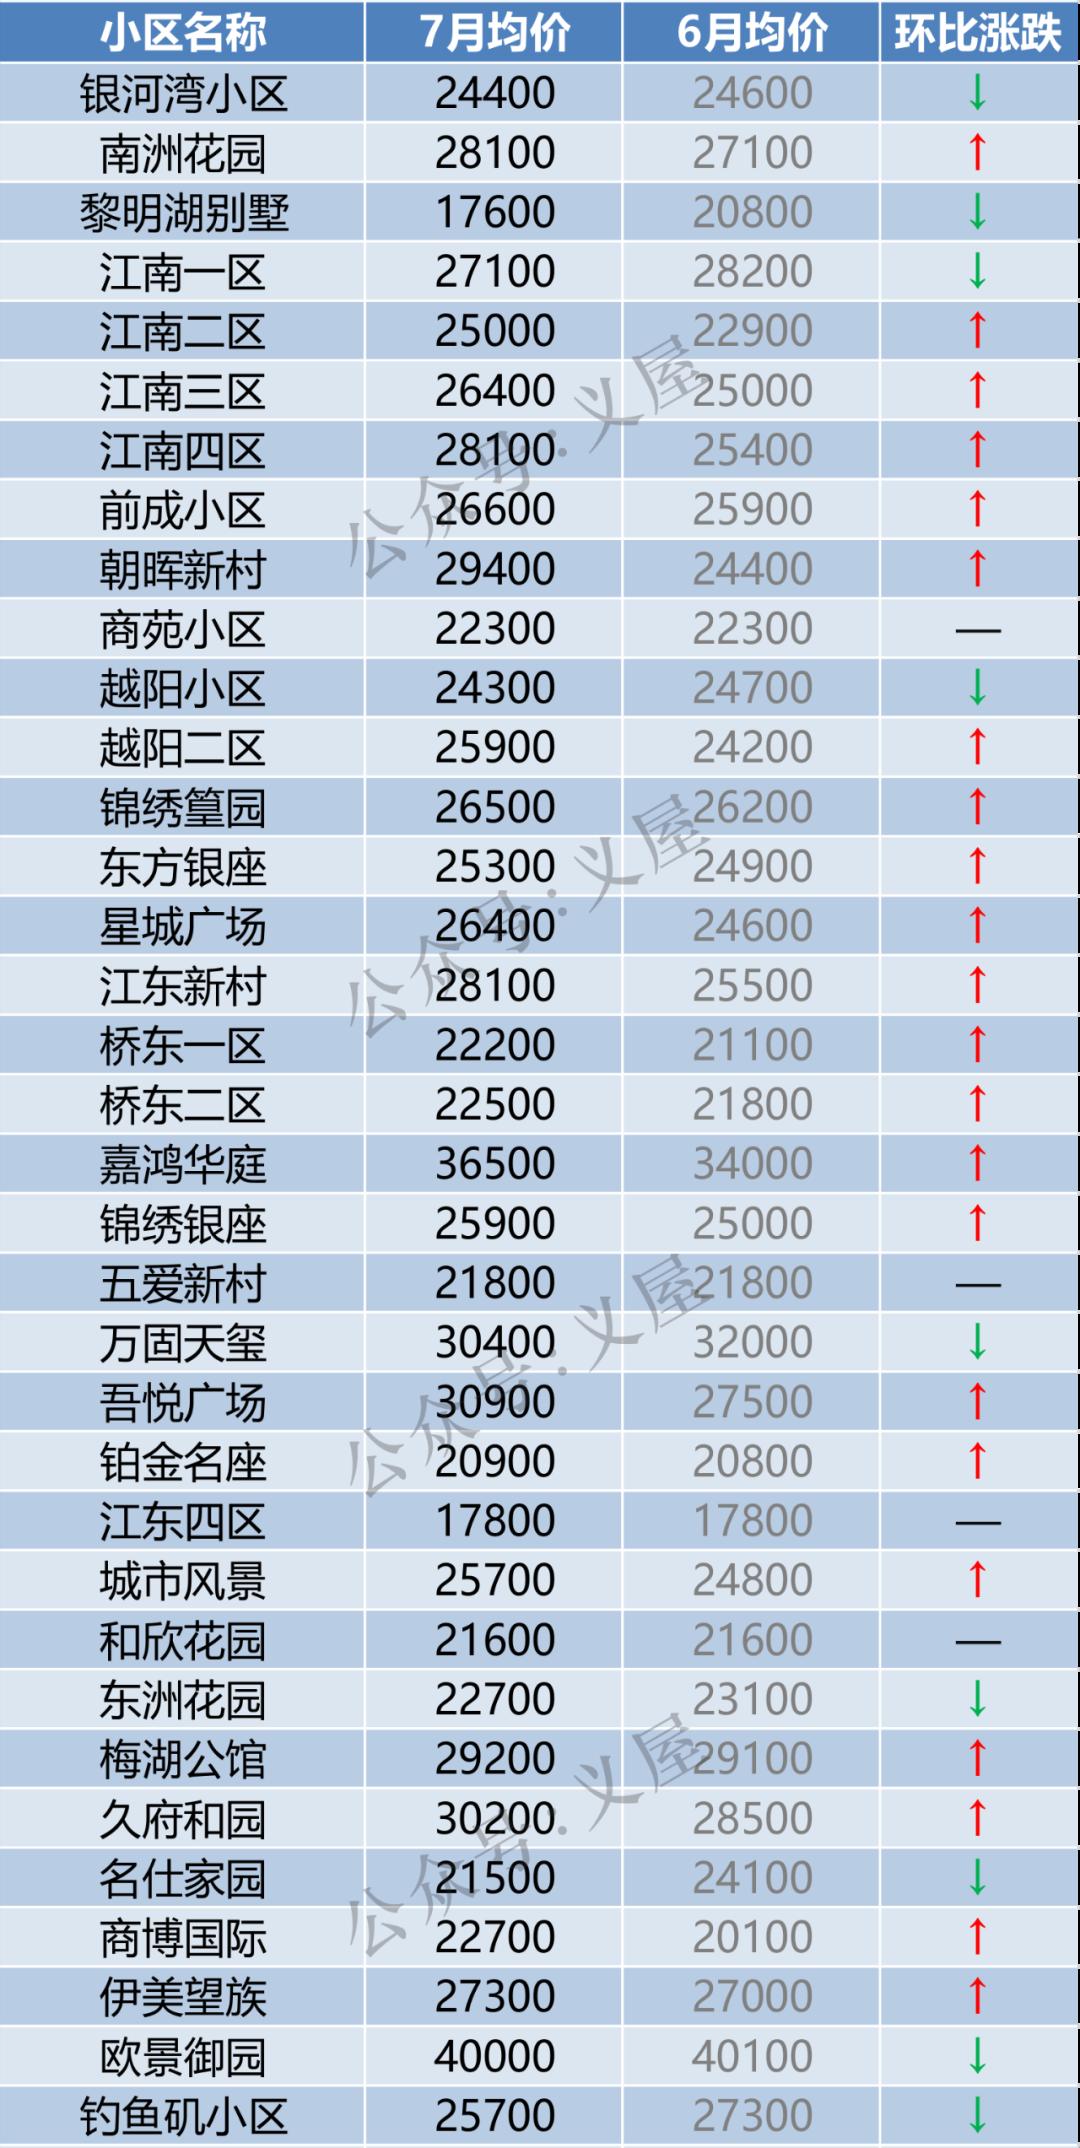 义乌146个小区最新房价出炉!这些小区涨了(图4)